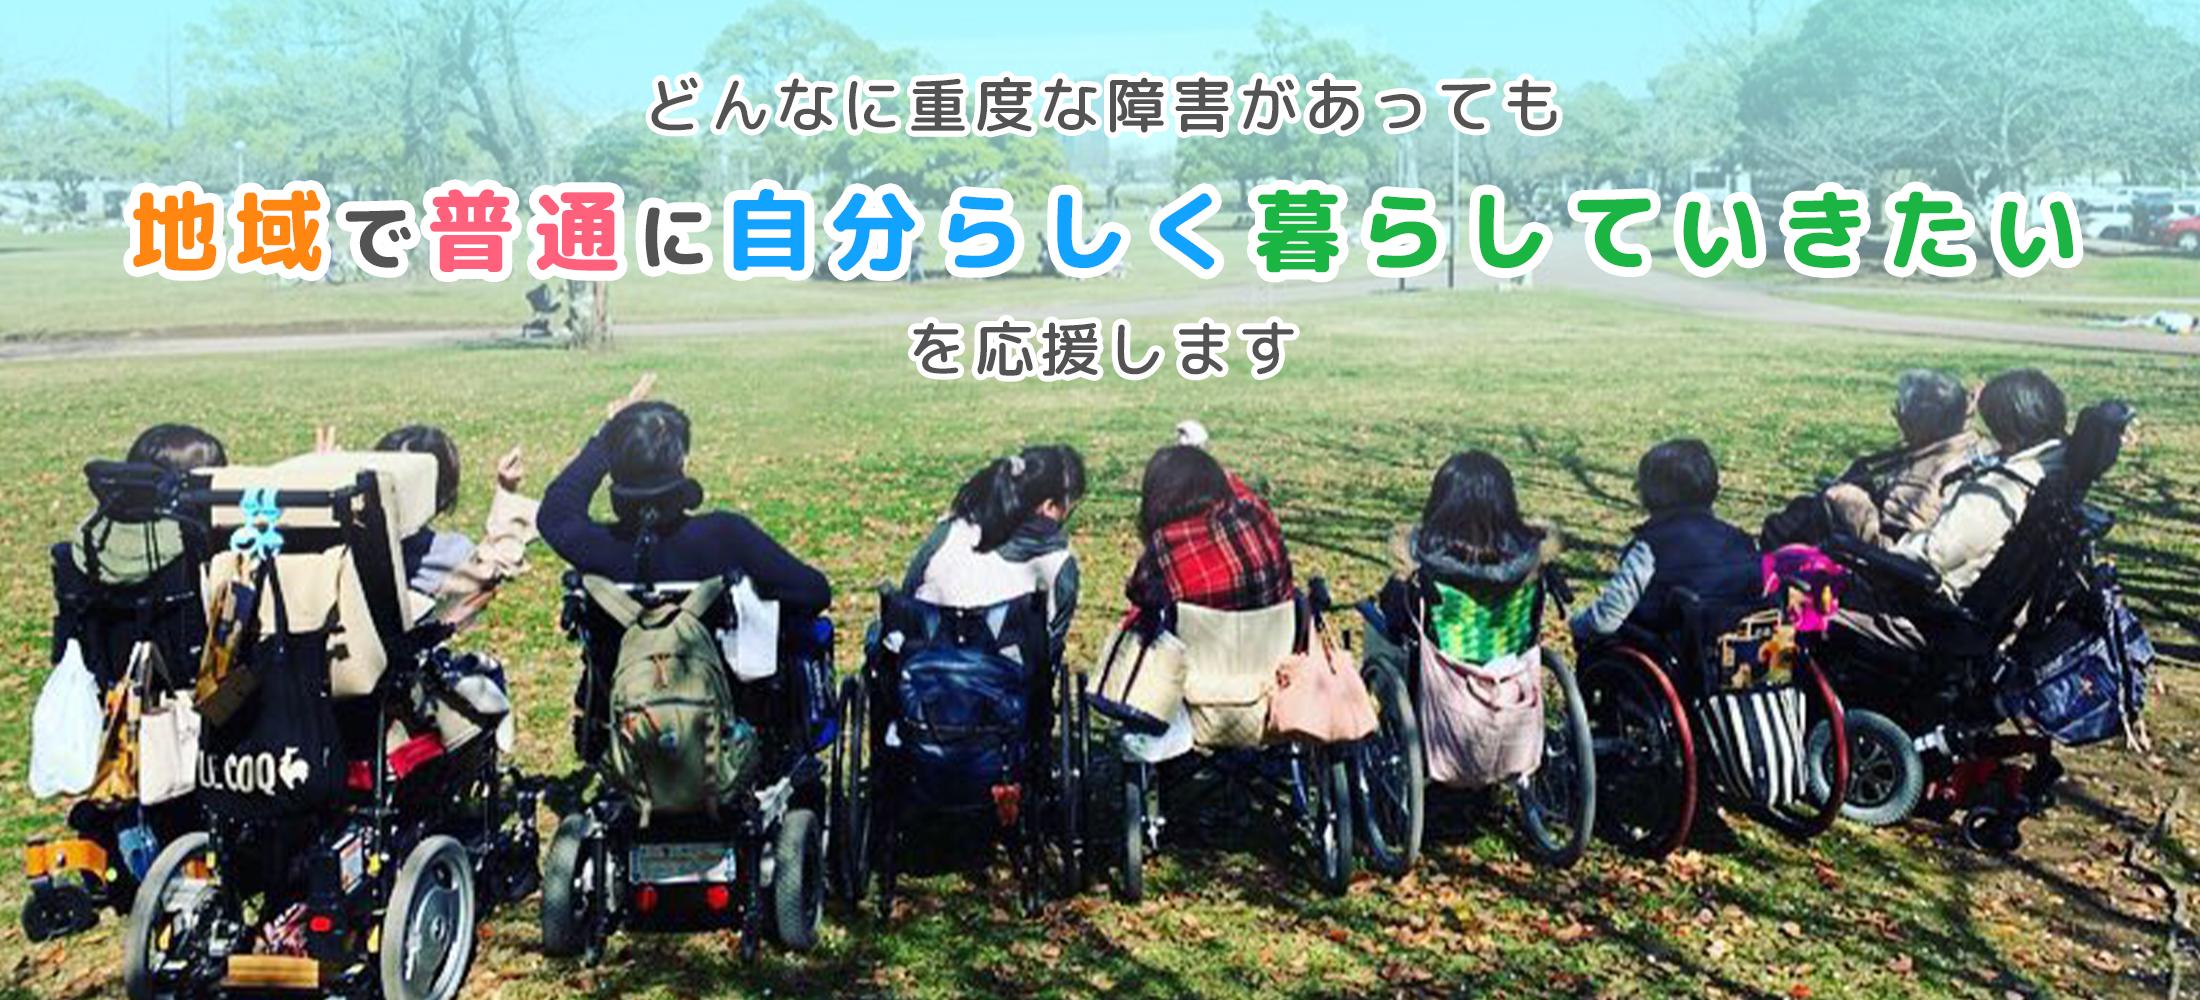 どんなに重度な障害があっても地域で普通に自分らしく暮らしていきたいを応援します